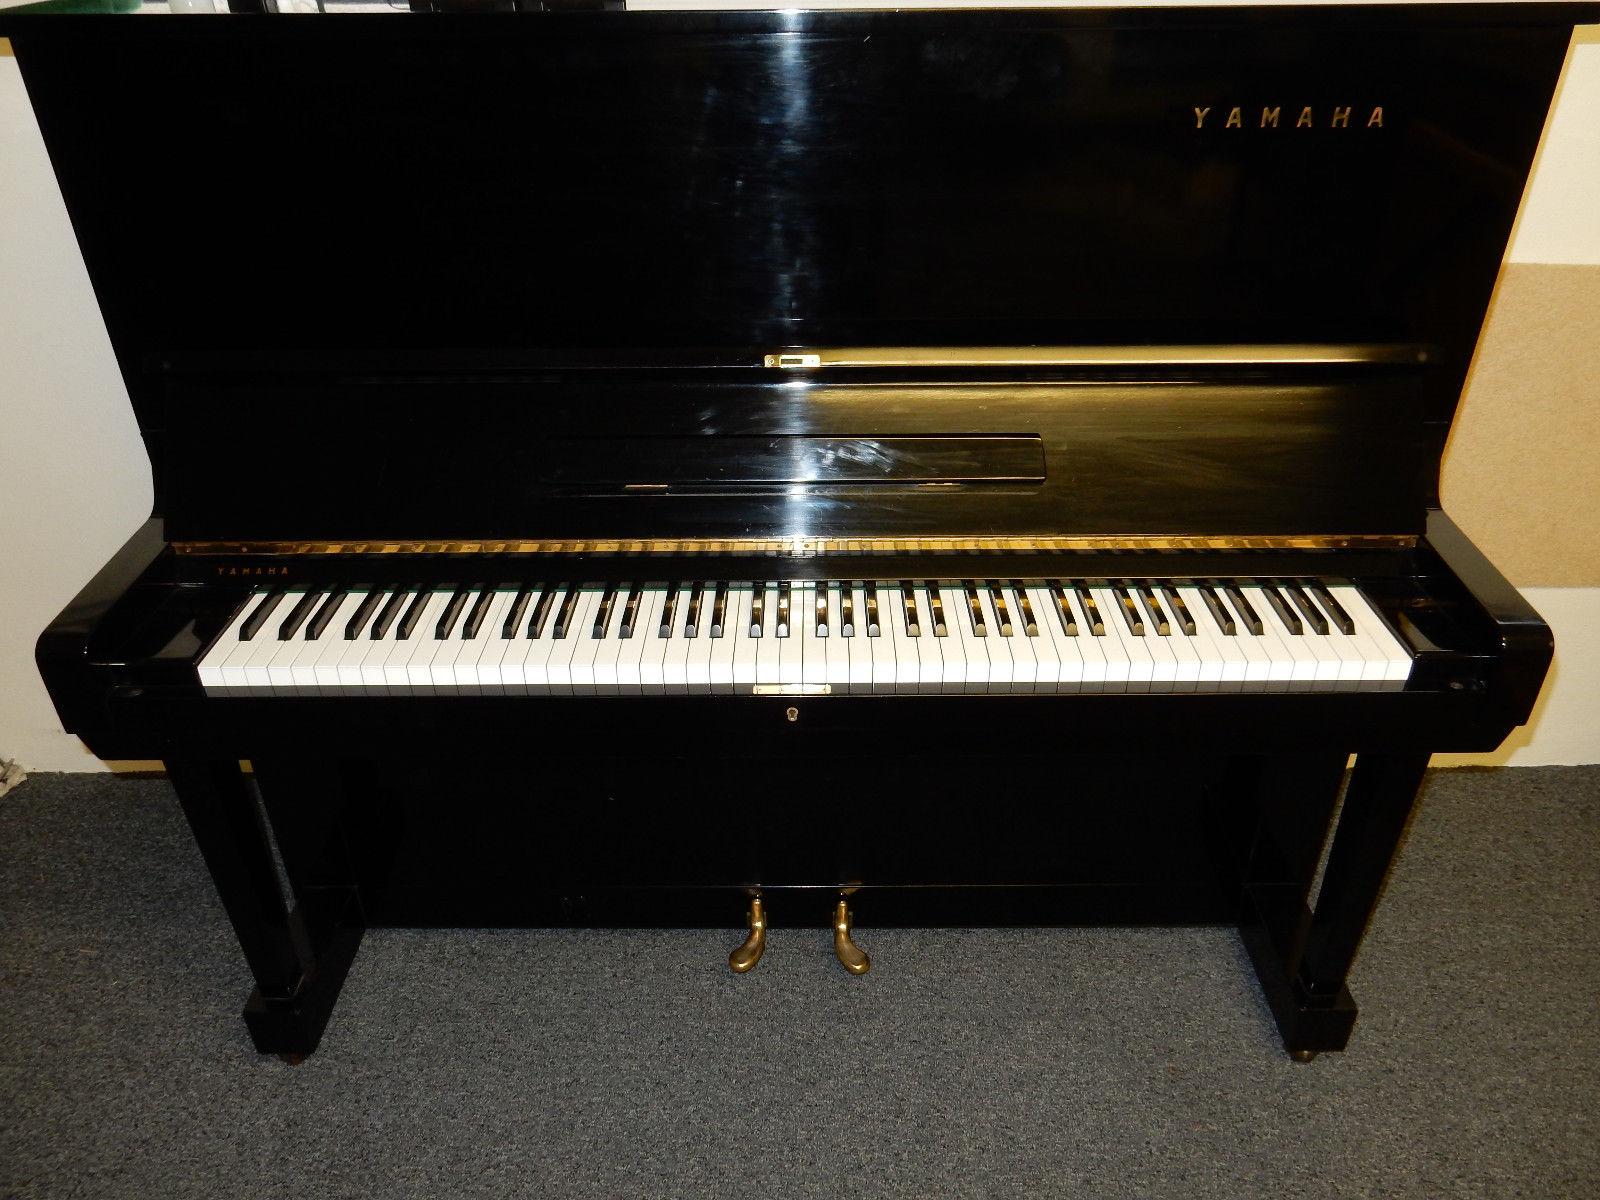 Yamaha-U3M-Upright-Piano